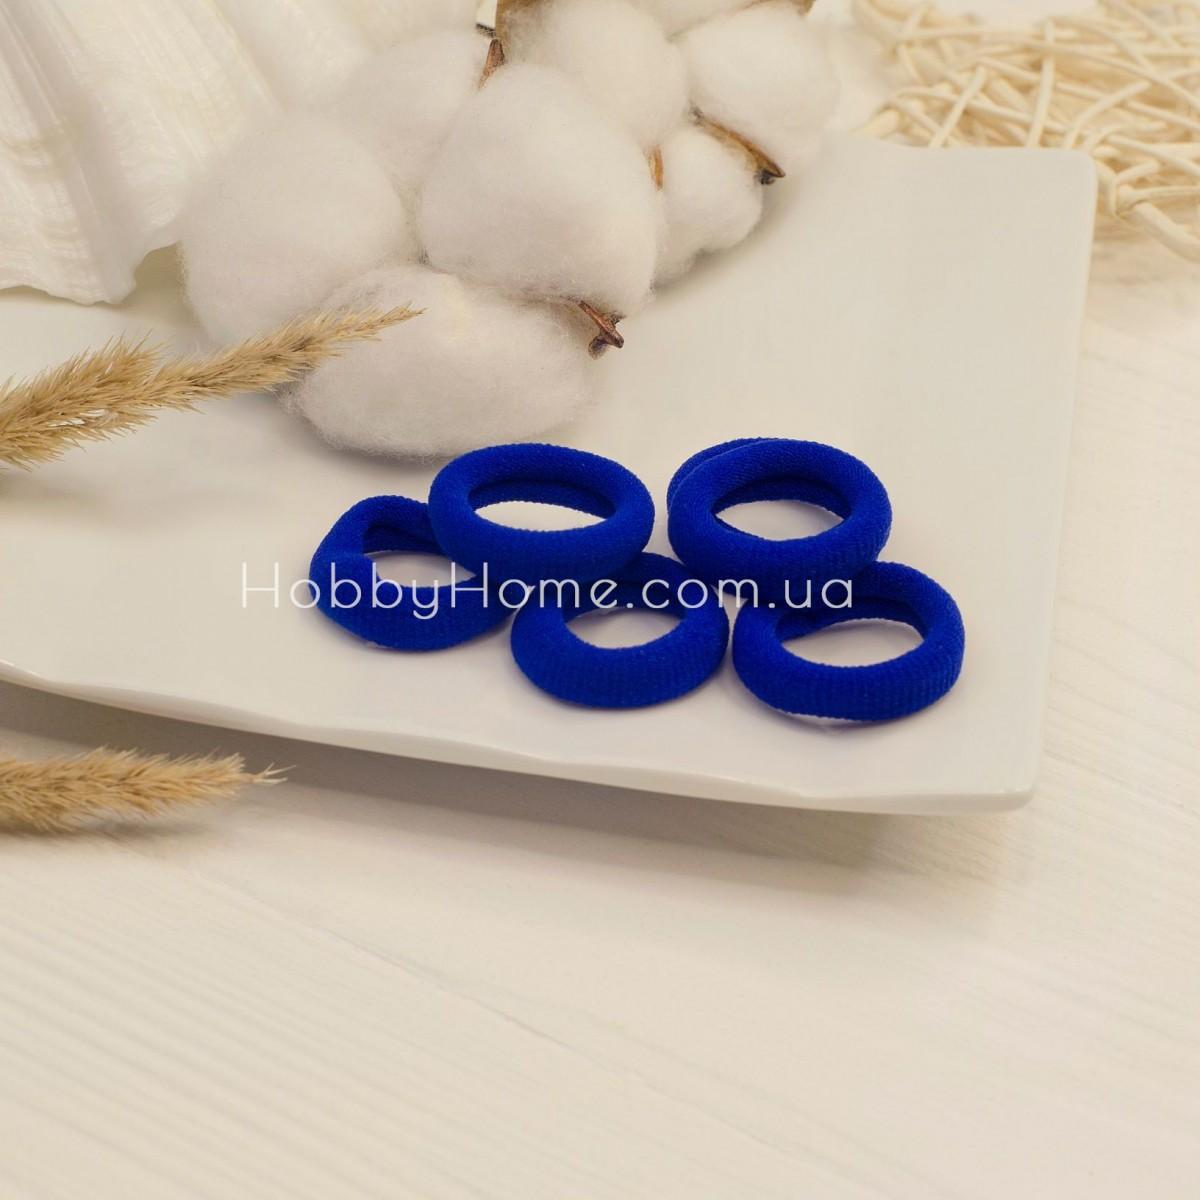 Резинка основа 2,7см синя